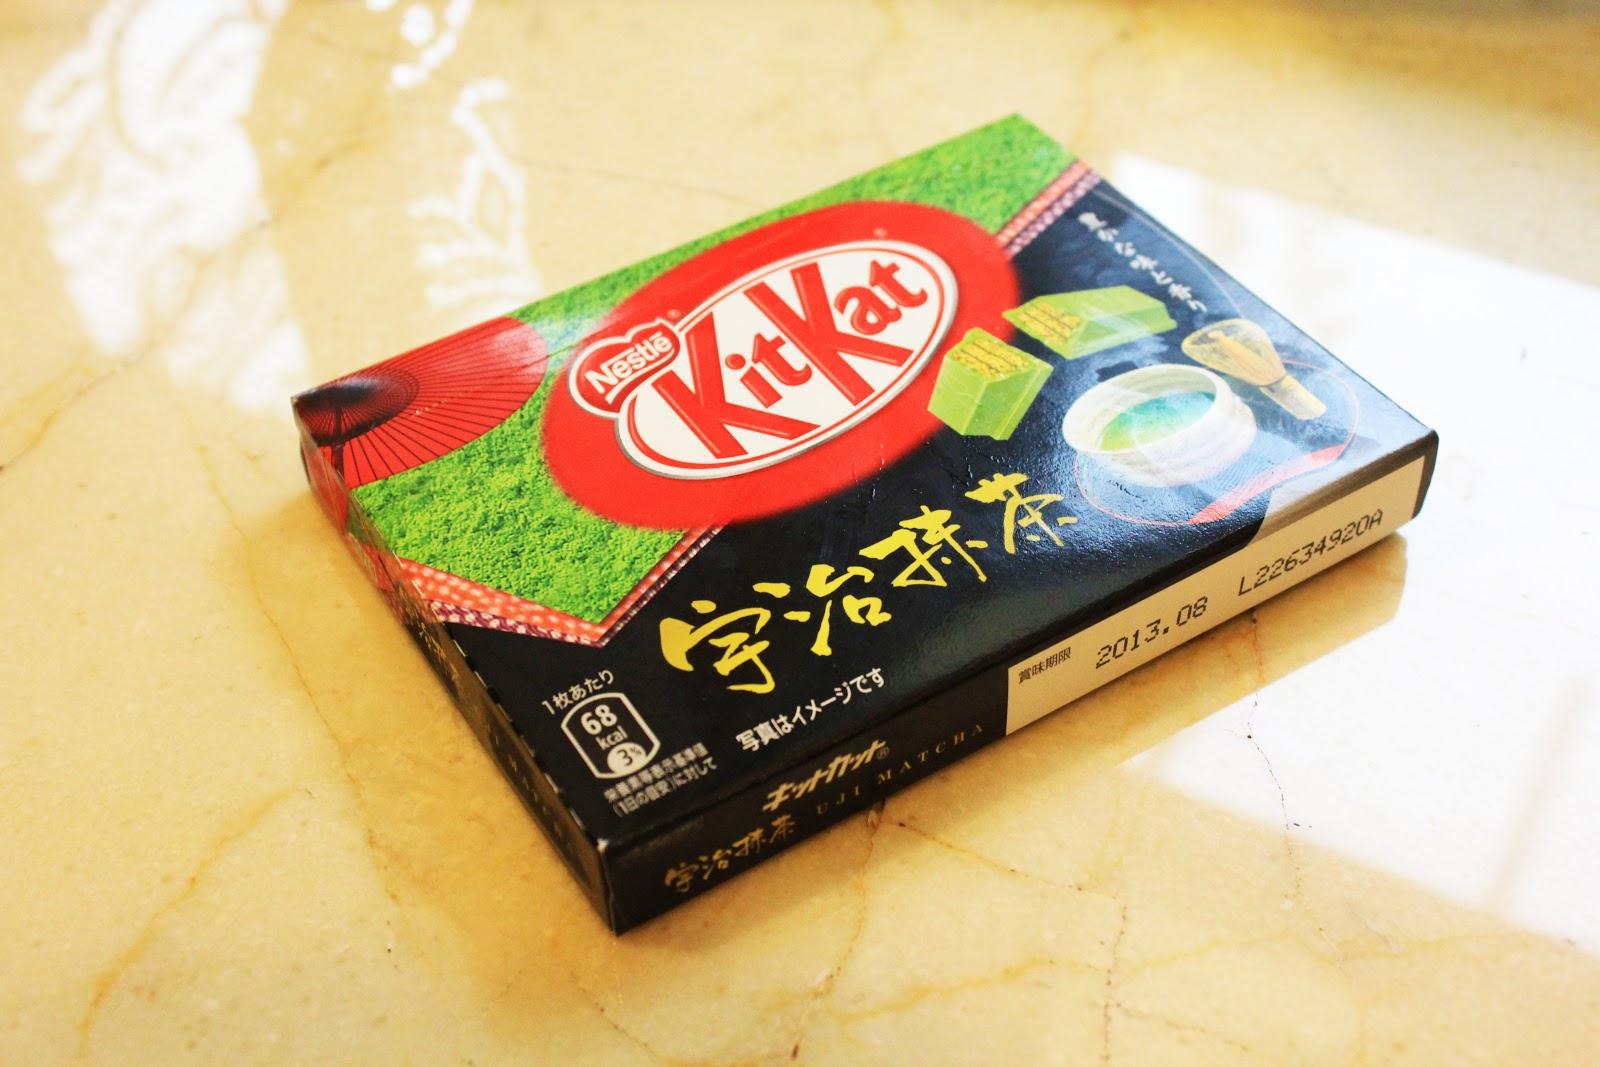 Chuyên Cung cấp Socolate KitKat Trà Xanh Made In Japan !